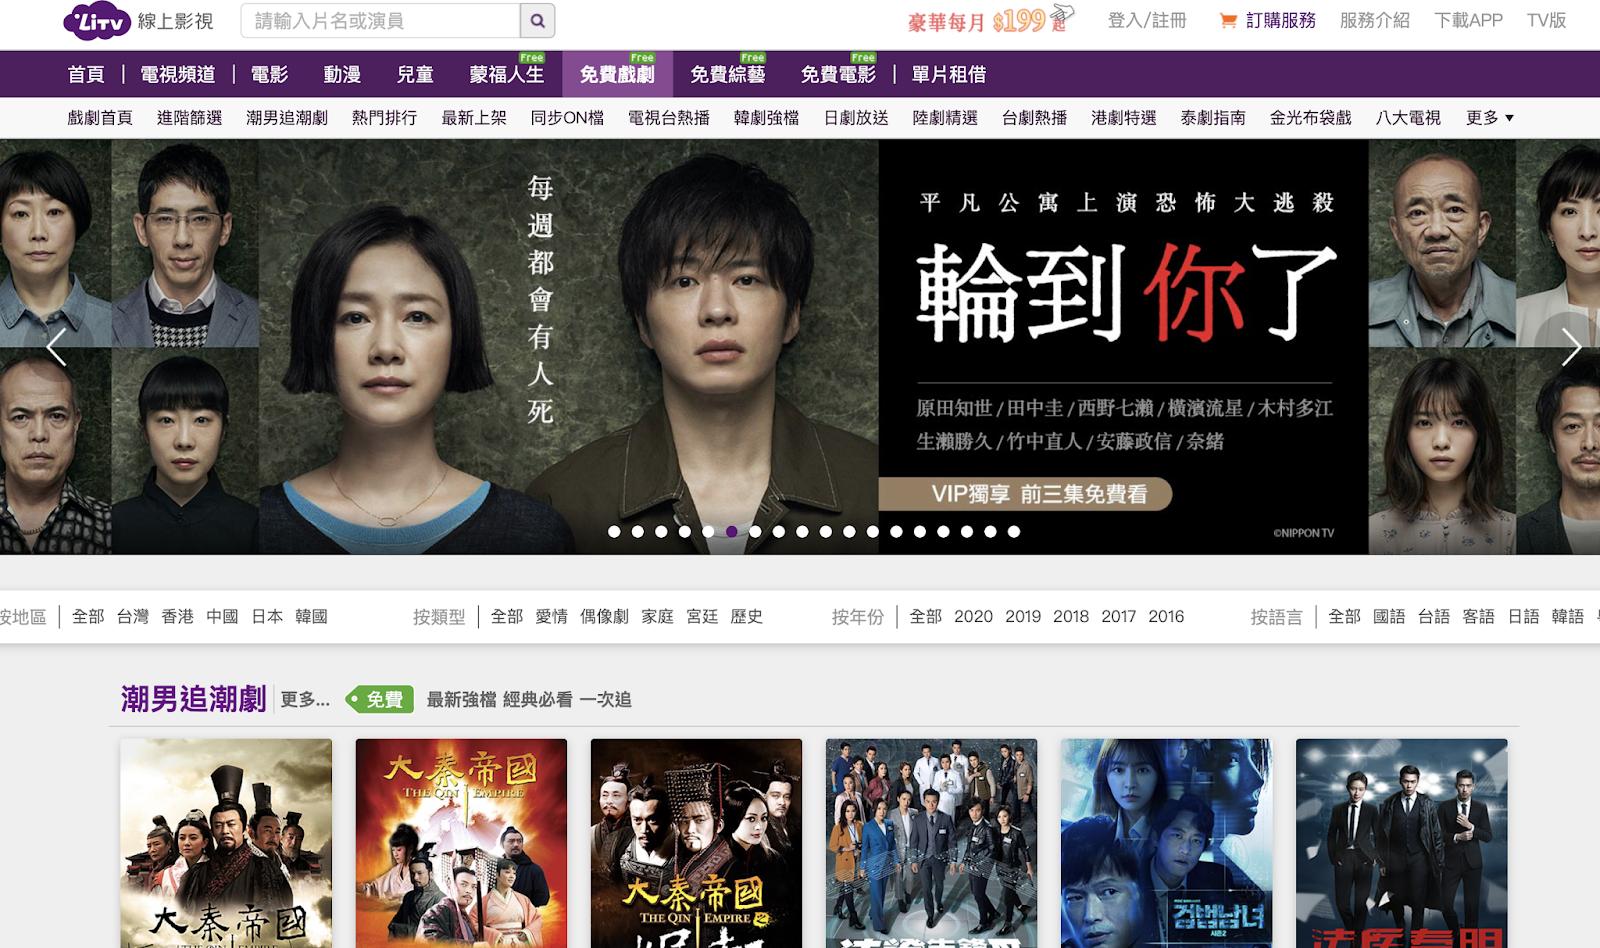 12個免費戲劇線上看網站|日劇韓劇美劇泰劇陸劇|合法授權正版資源